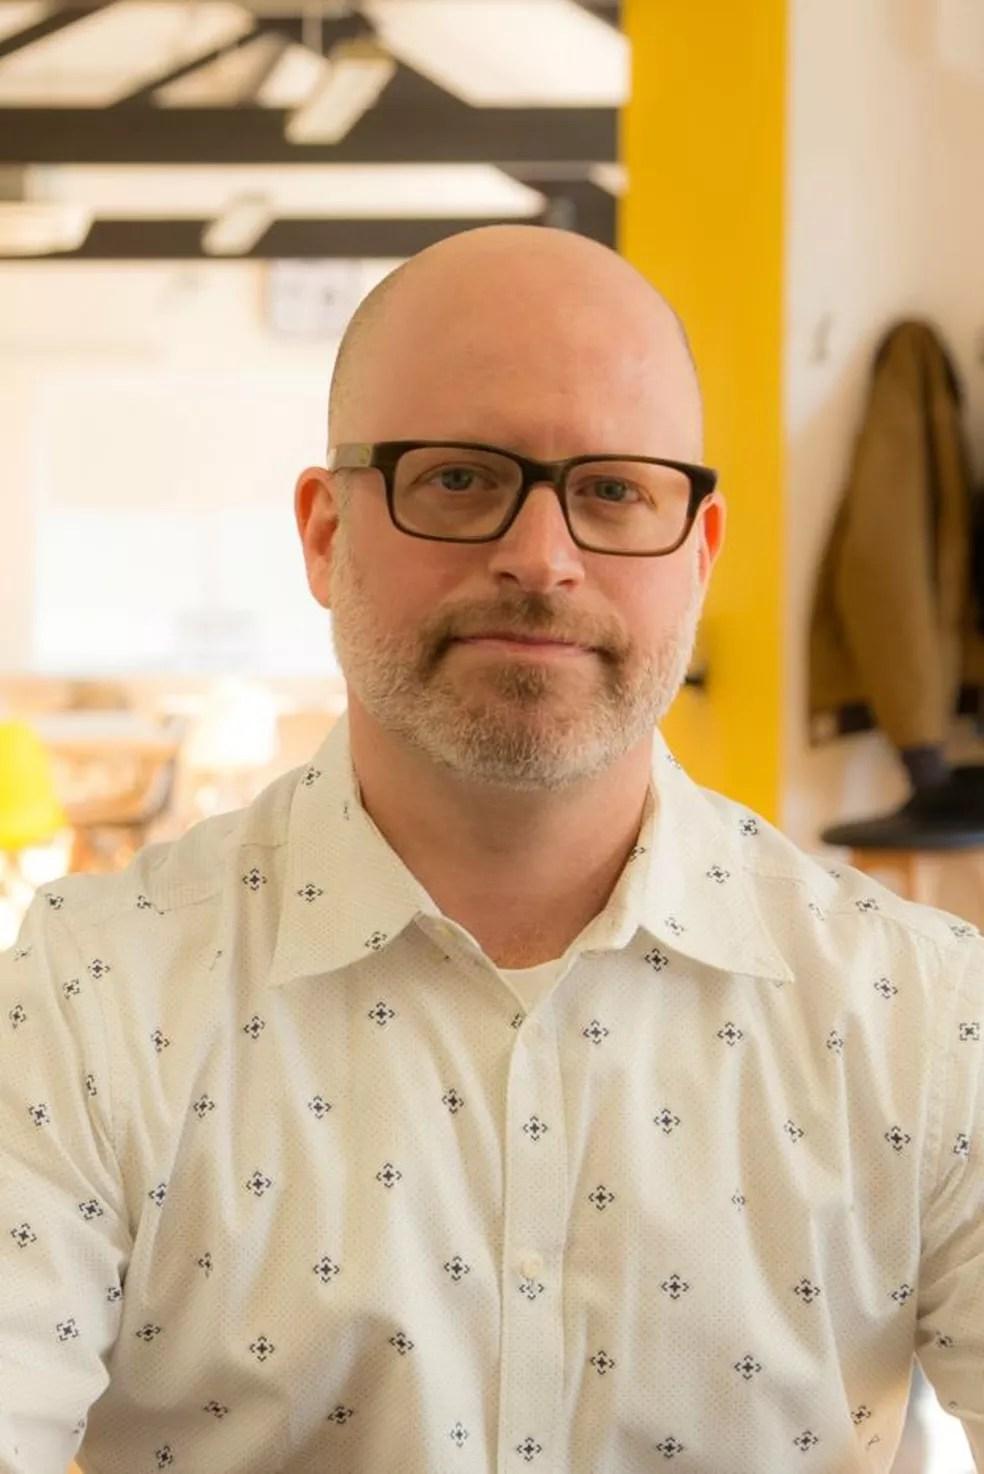 Aaron Balick, psicoterapeuta: Redes sociais abrem espaço para polarização, mas há possibilidades de melhorar esse cenário. (Foto: Arquivo Pessoal/Aaron Balick)